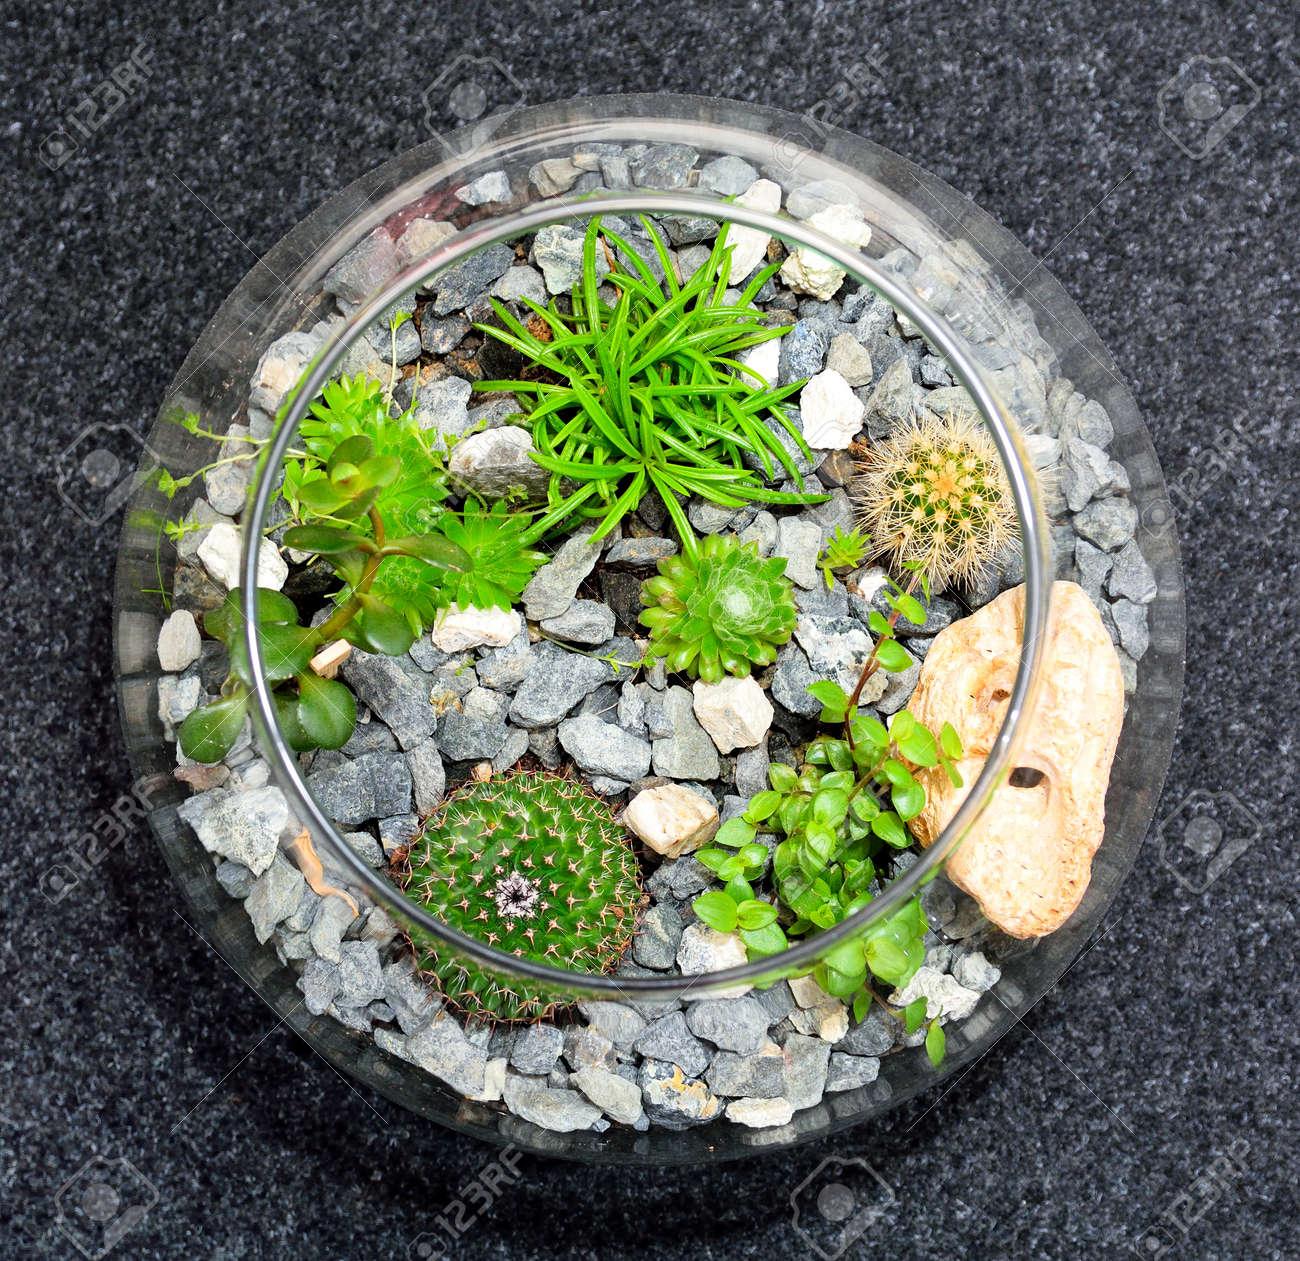 Plateau Interieur Jardin Miniature Decoratif Bulle De Verre Clair